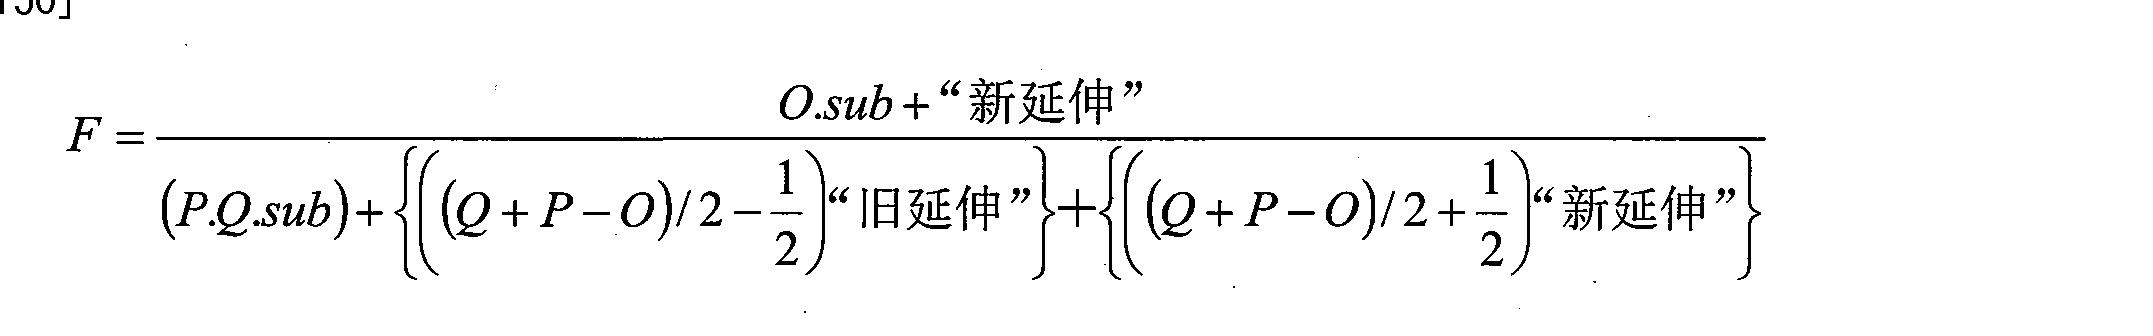 Figure CN101536316BD00131